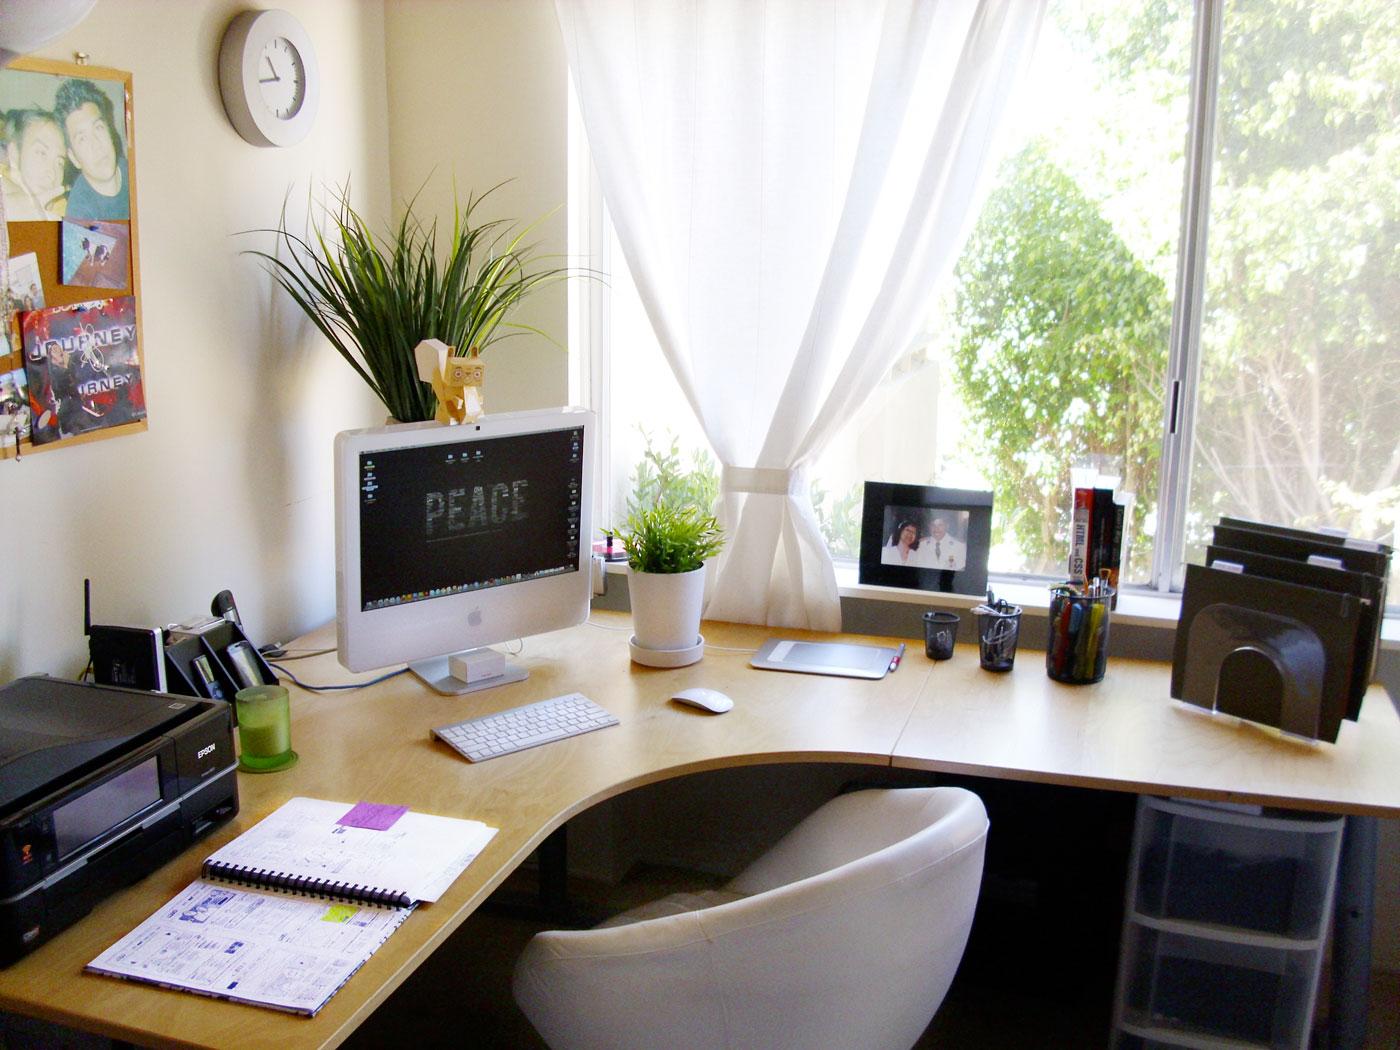 escritorio-simples-em-casa